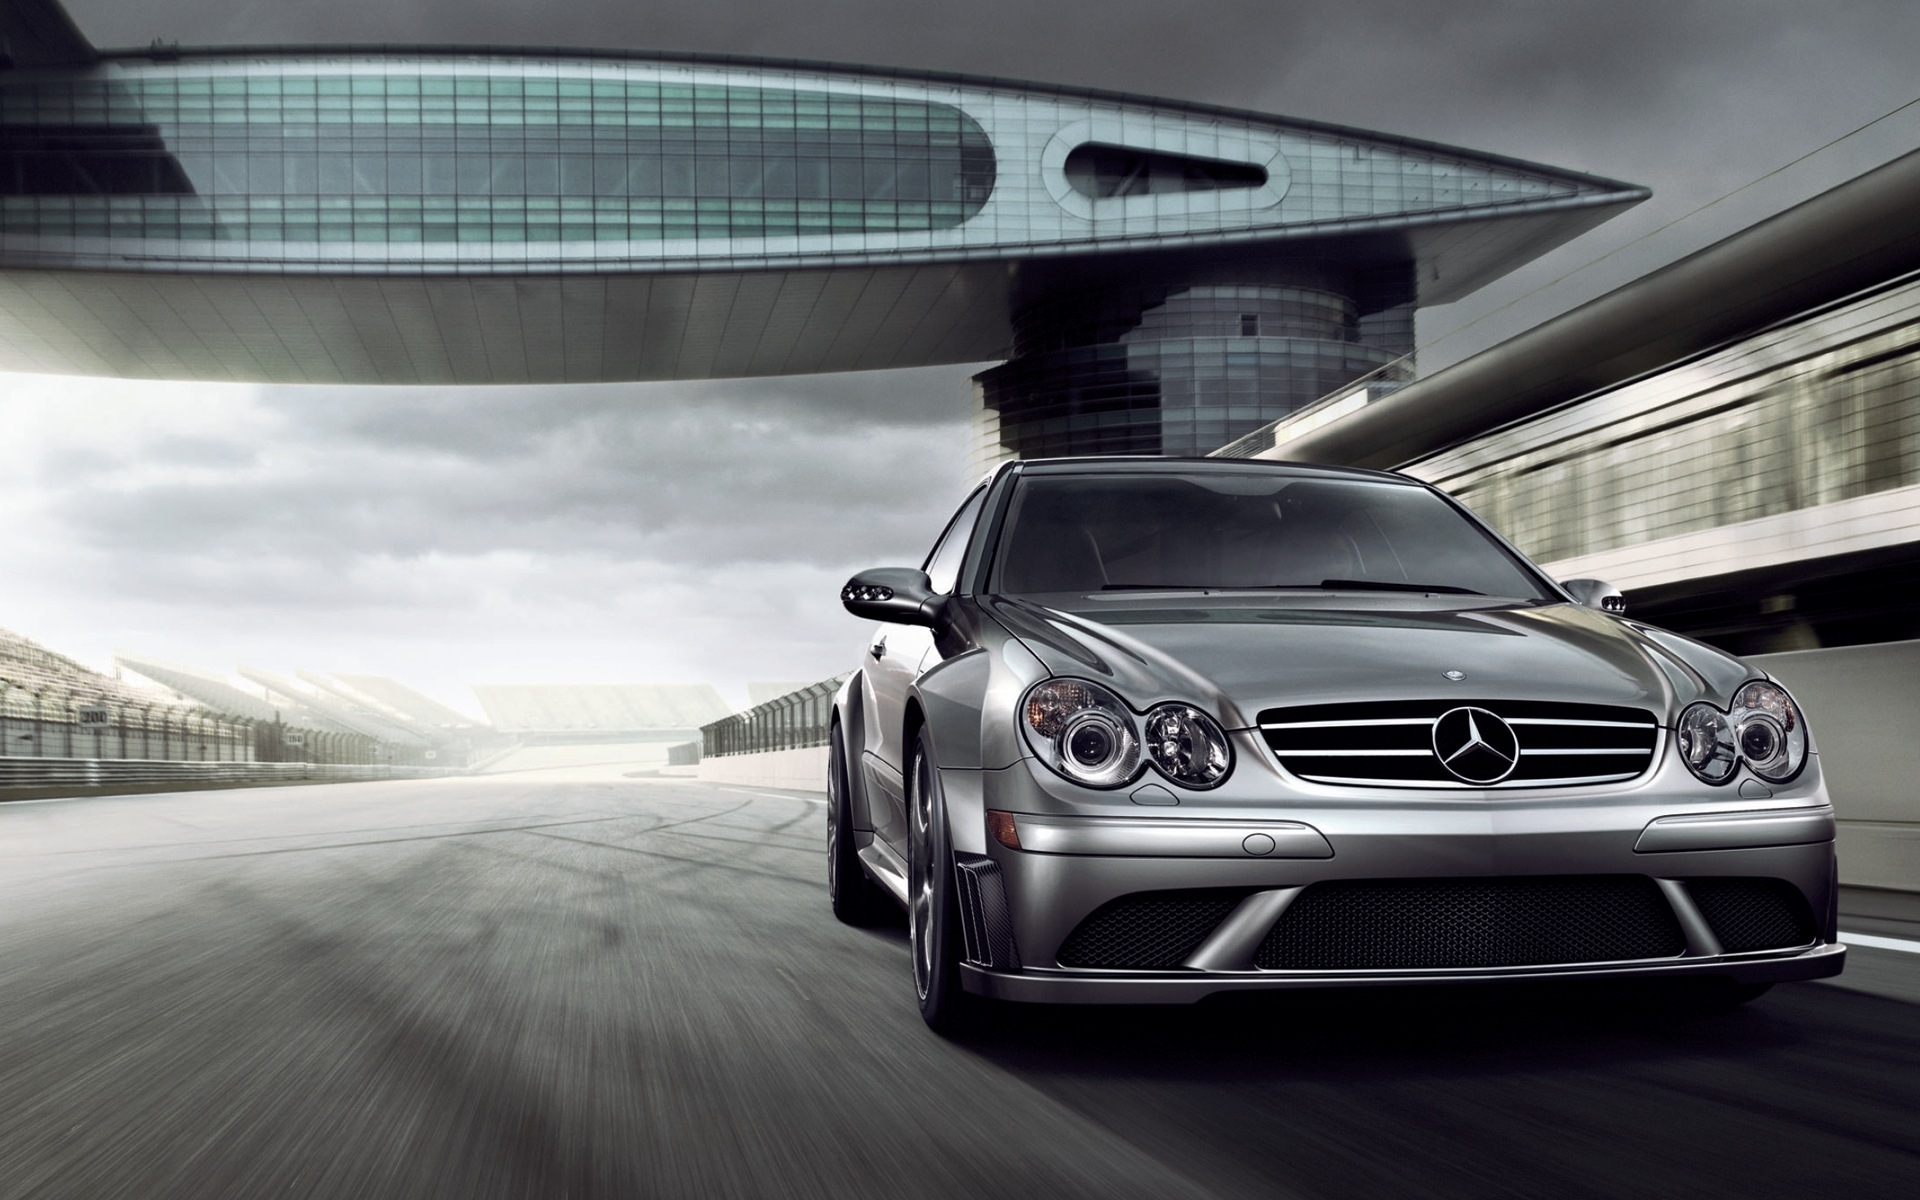 25225 скачать обои Транспорт, Машины, Мерседес (Mercedes) - заставки и картинки бесплатно